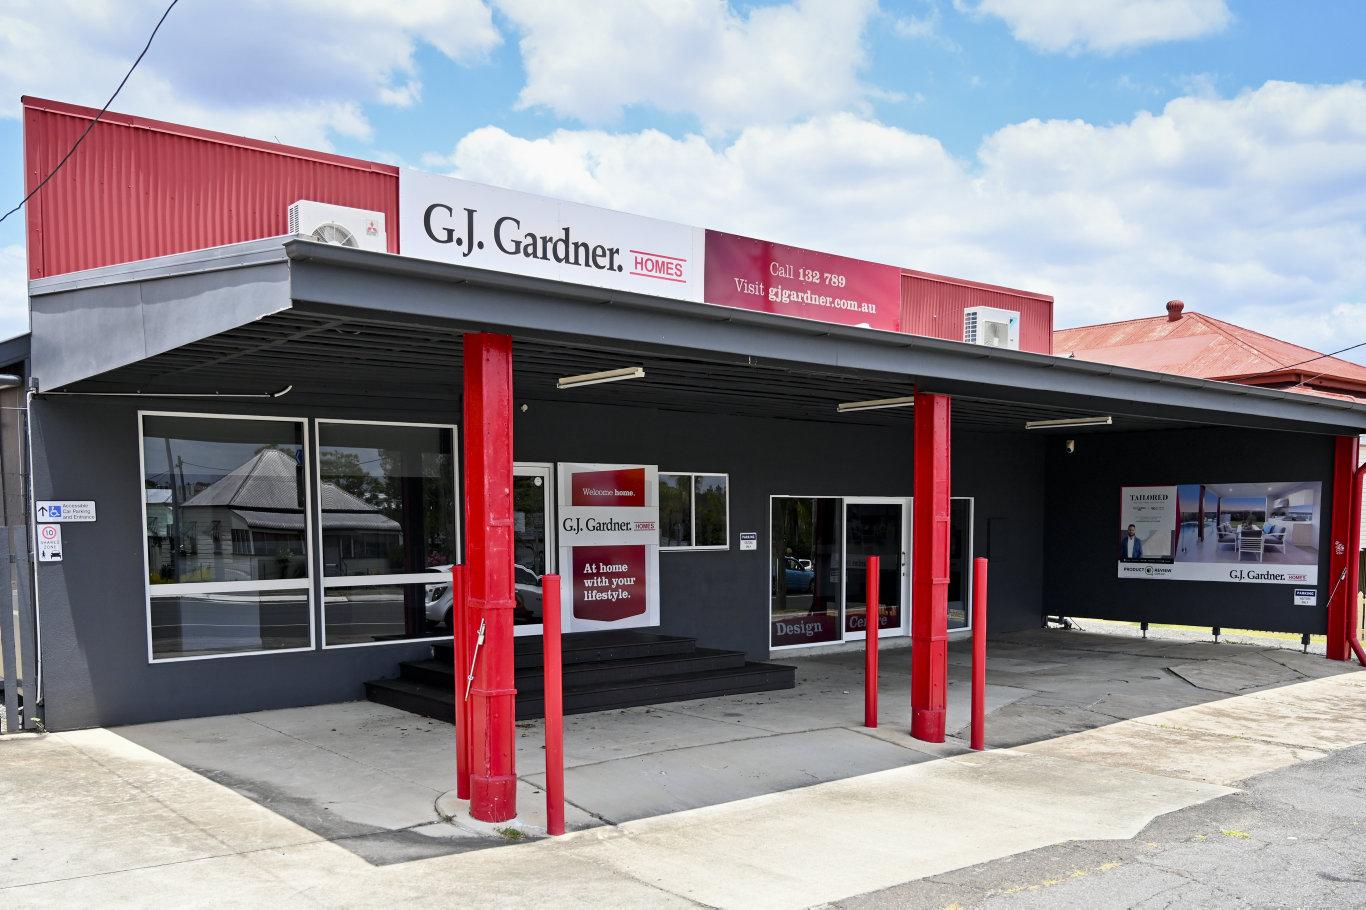 G.J. Gardner. Homes.